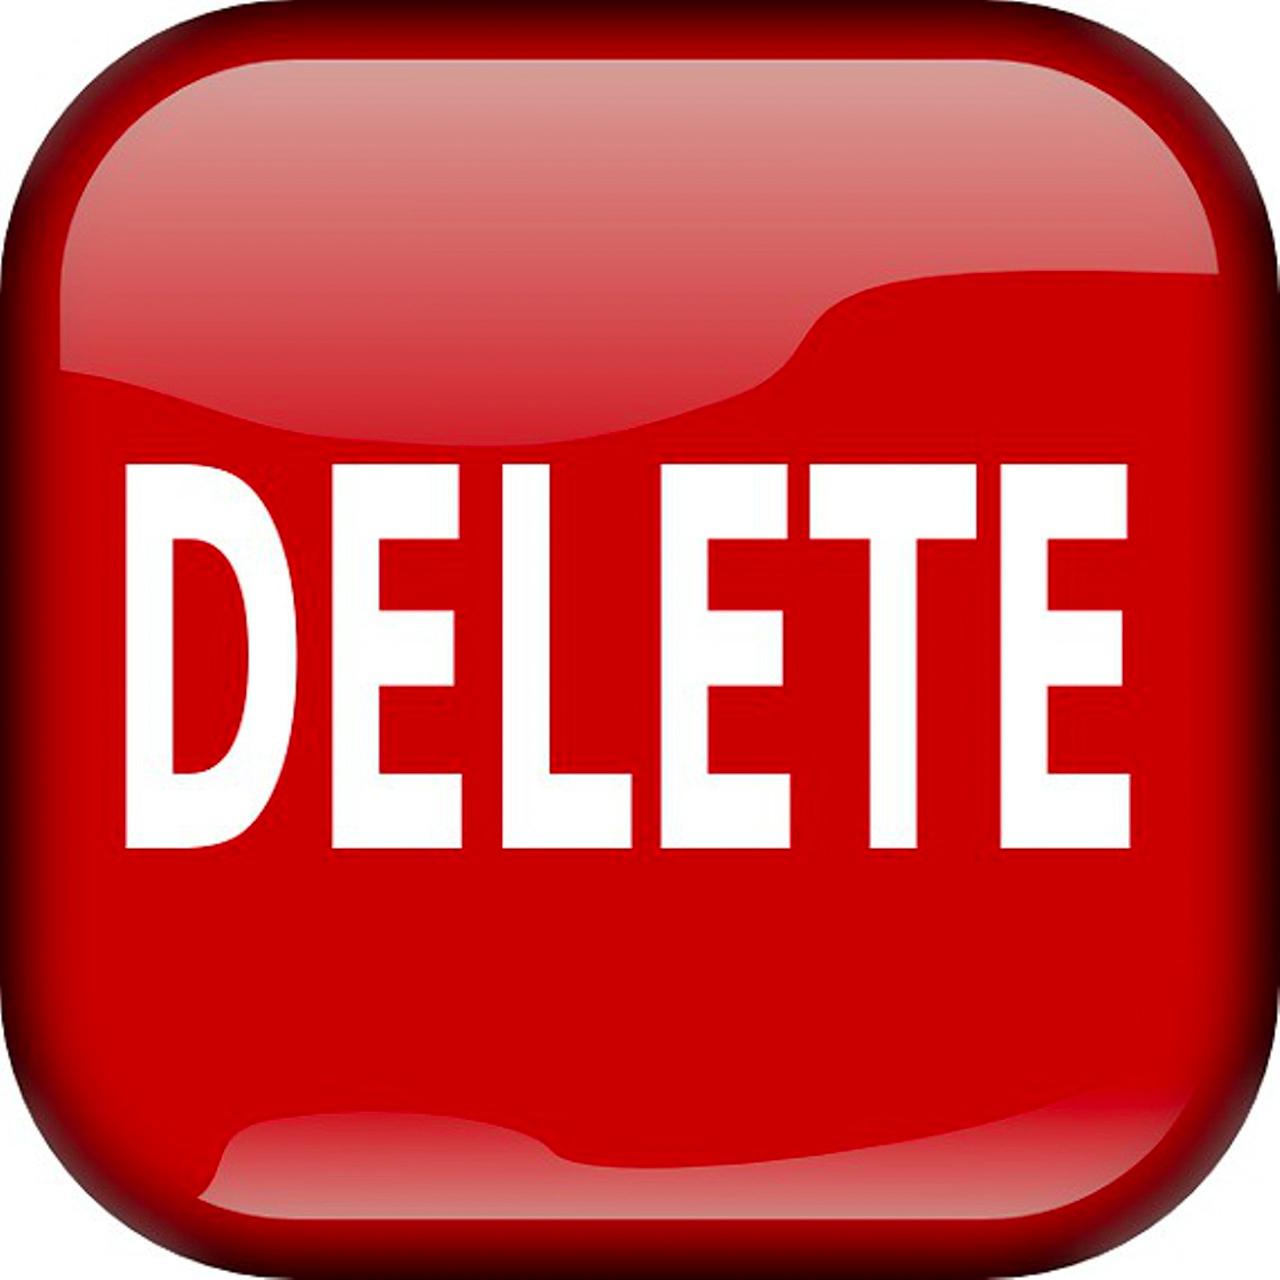 Image: Delete button icon